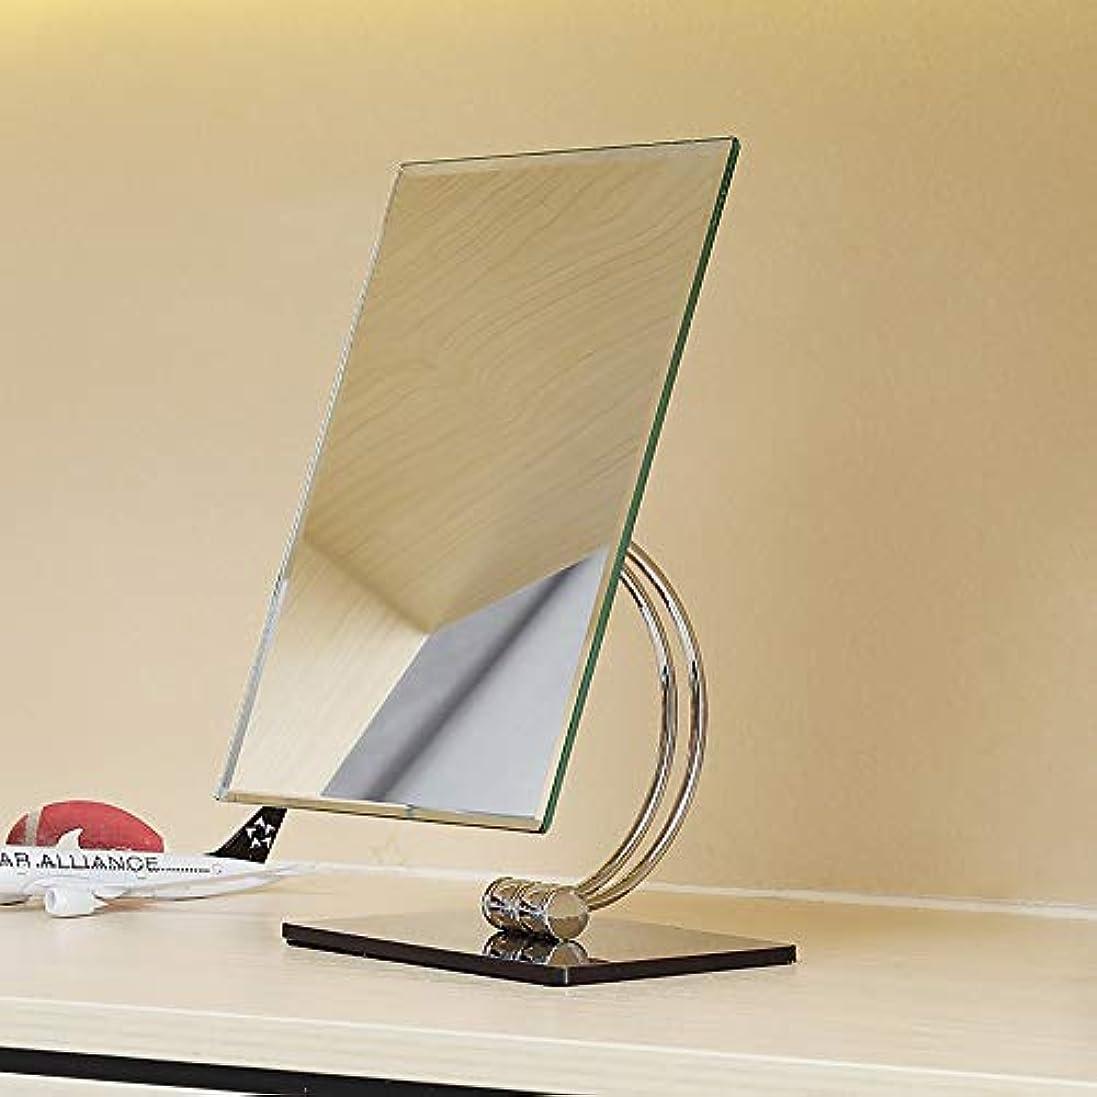 ナプキン分析するボーカル流行の スクエア片面HDステンレススチールシルバーミラー+ ABSプラスチックシェル化粧鏡ホームバニティミラーカウンターミラー